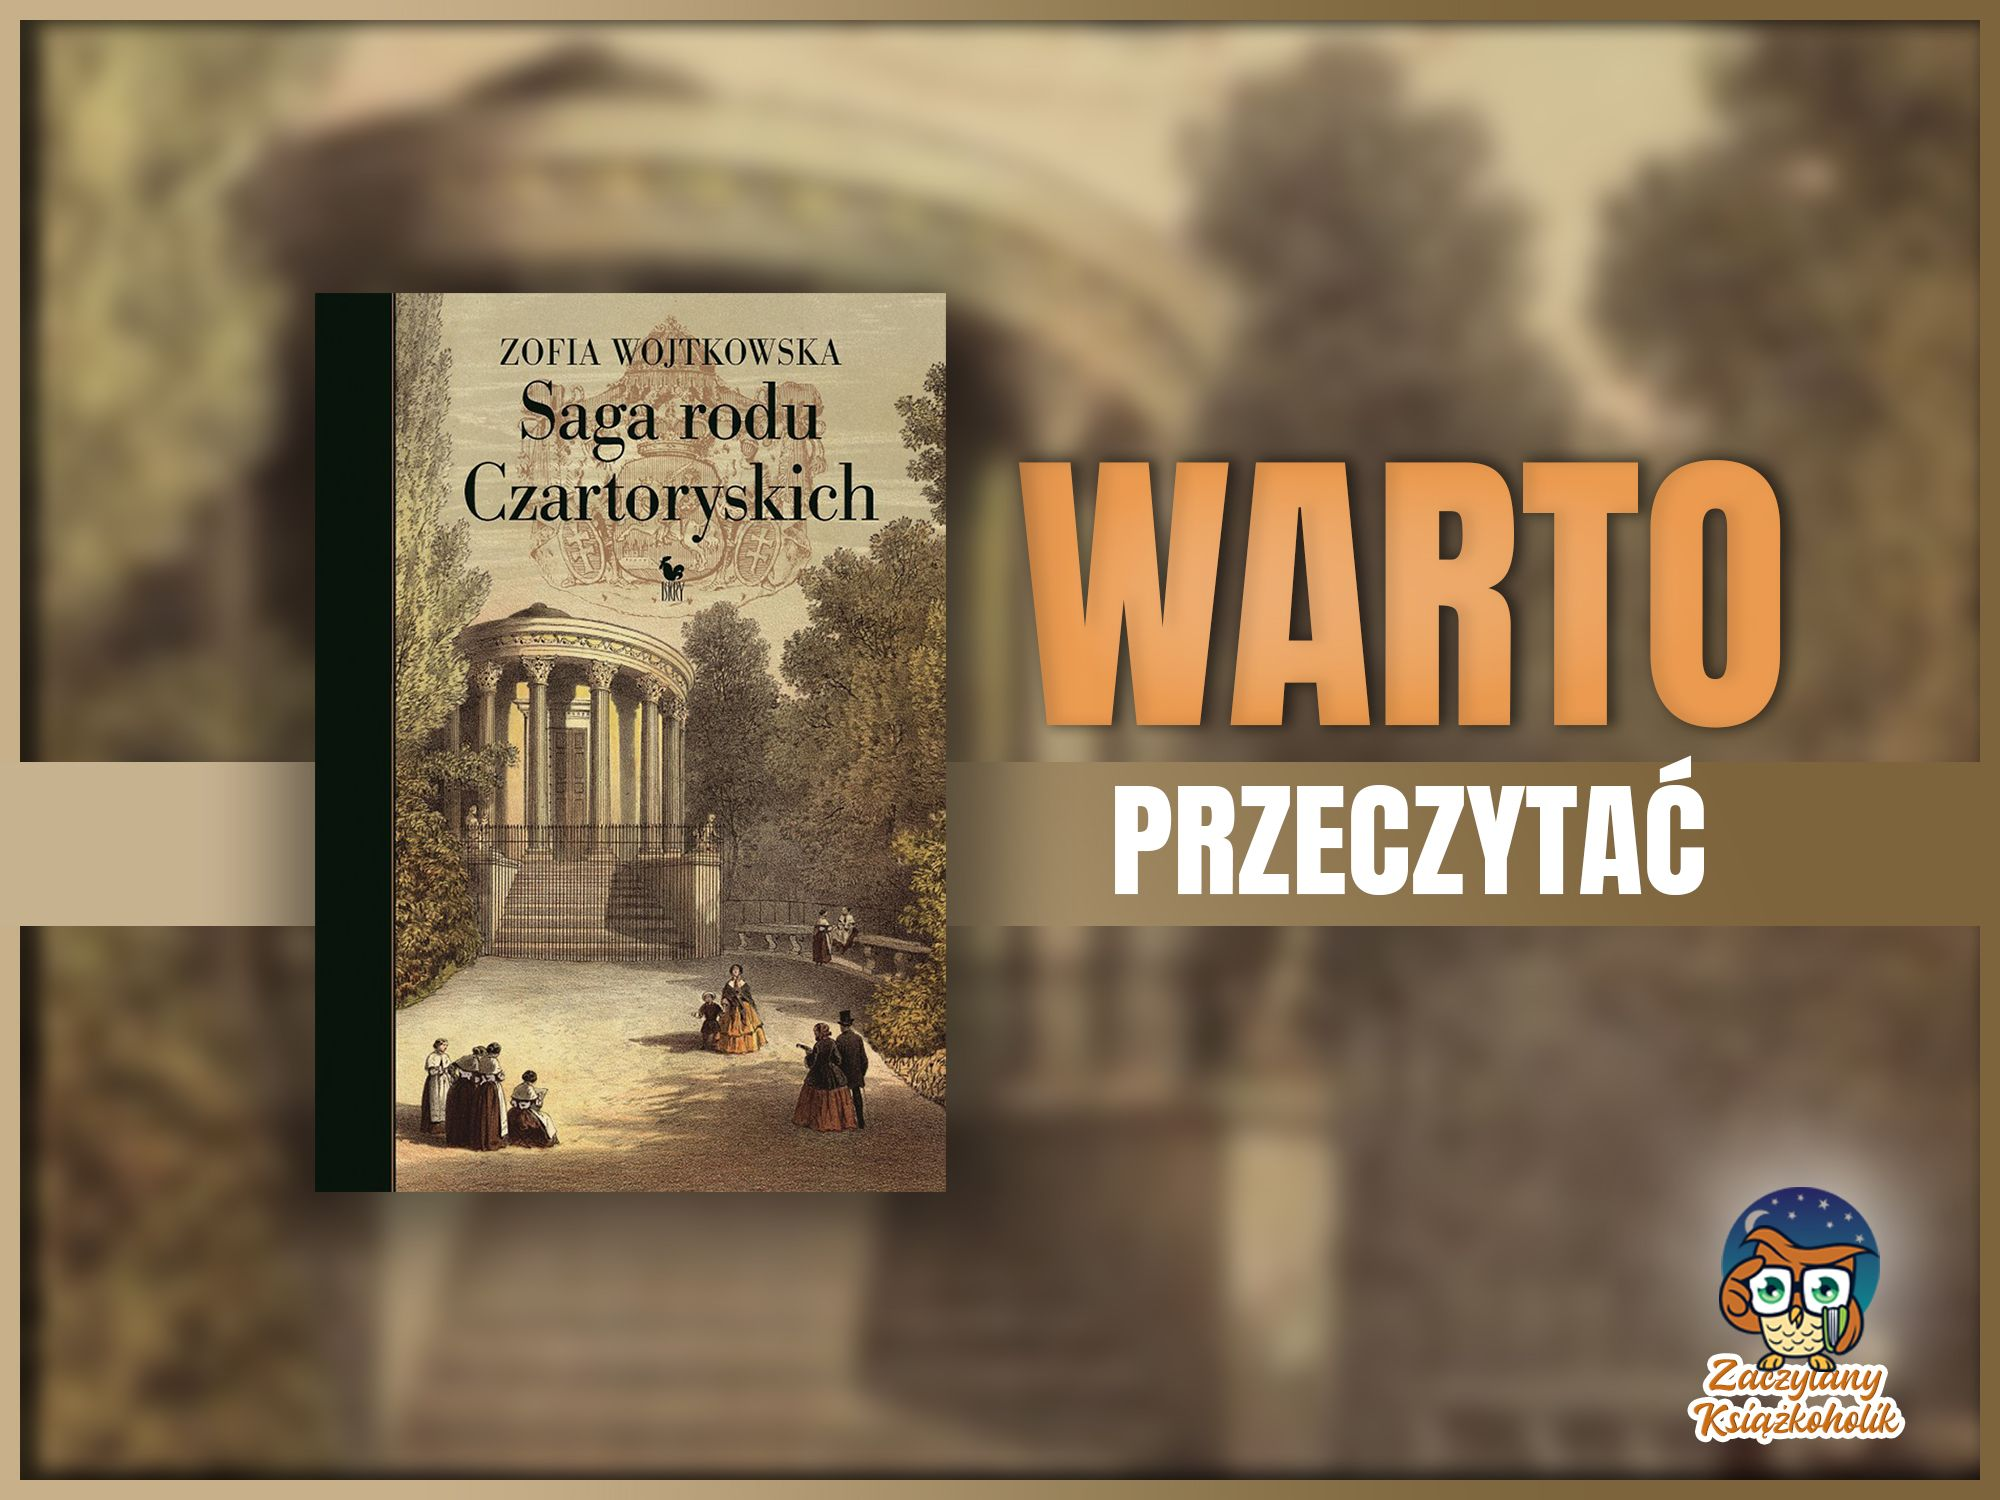 Saga Rodu Czartoryskich - warto przeczytać, zaczytanyksiazkoholik.pl